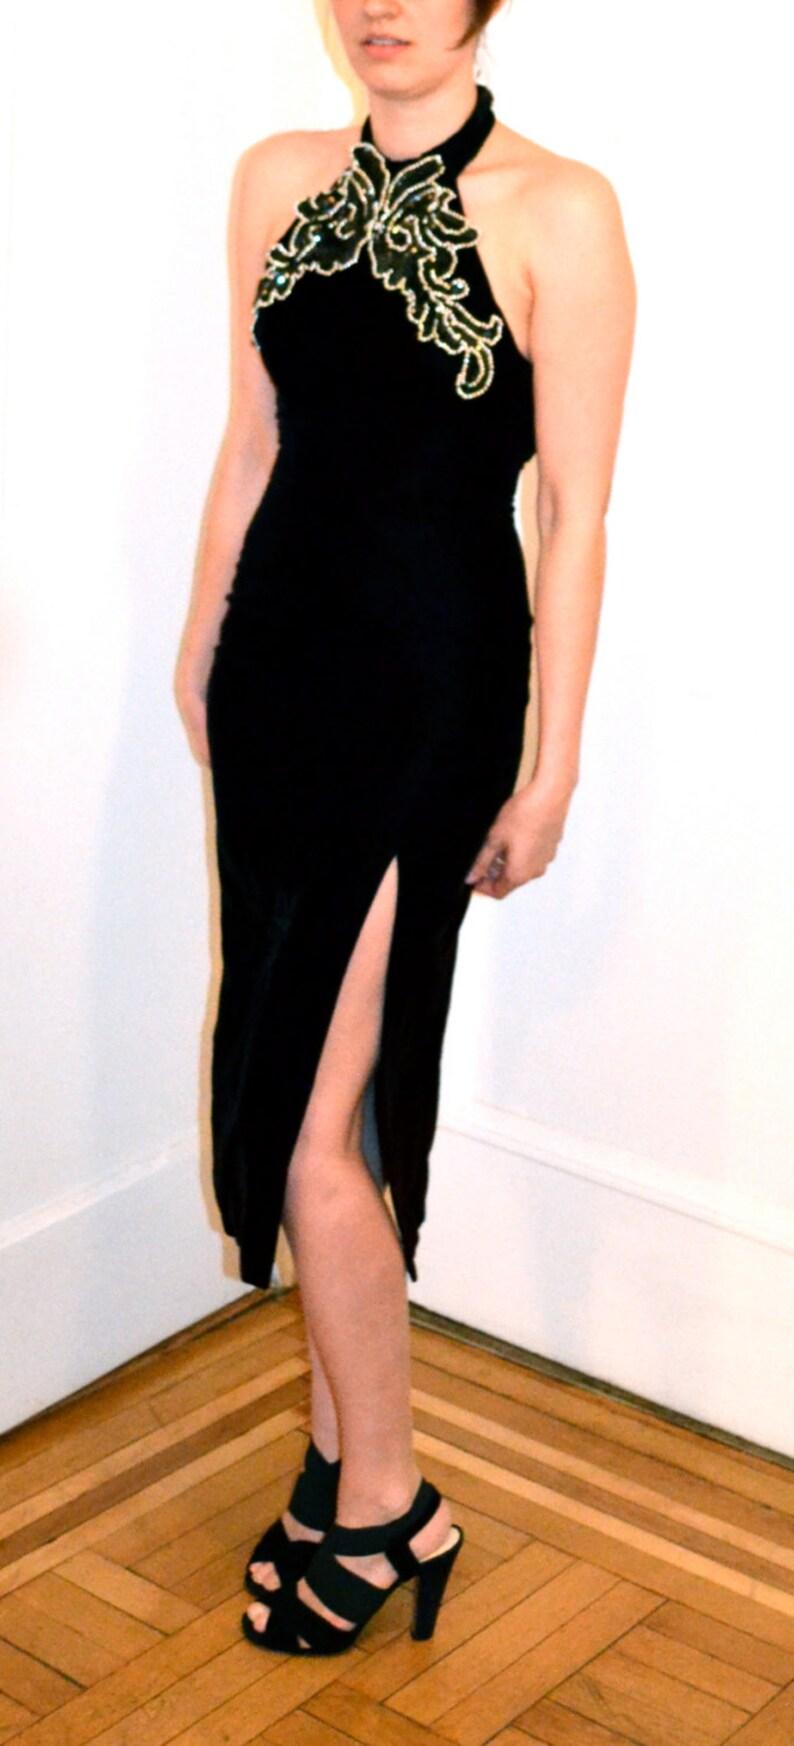 90s Prom Dress in Black Velvet Dress XS  Vintage Evening Gown Black Velvet with Halter Top XS